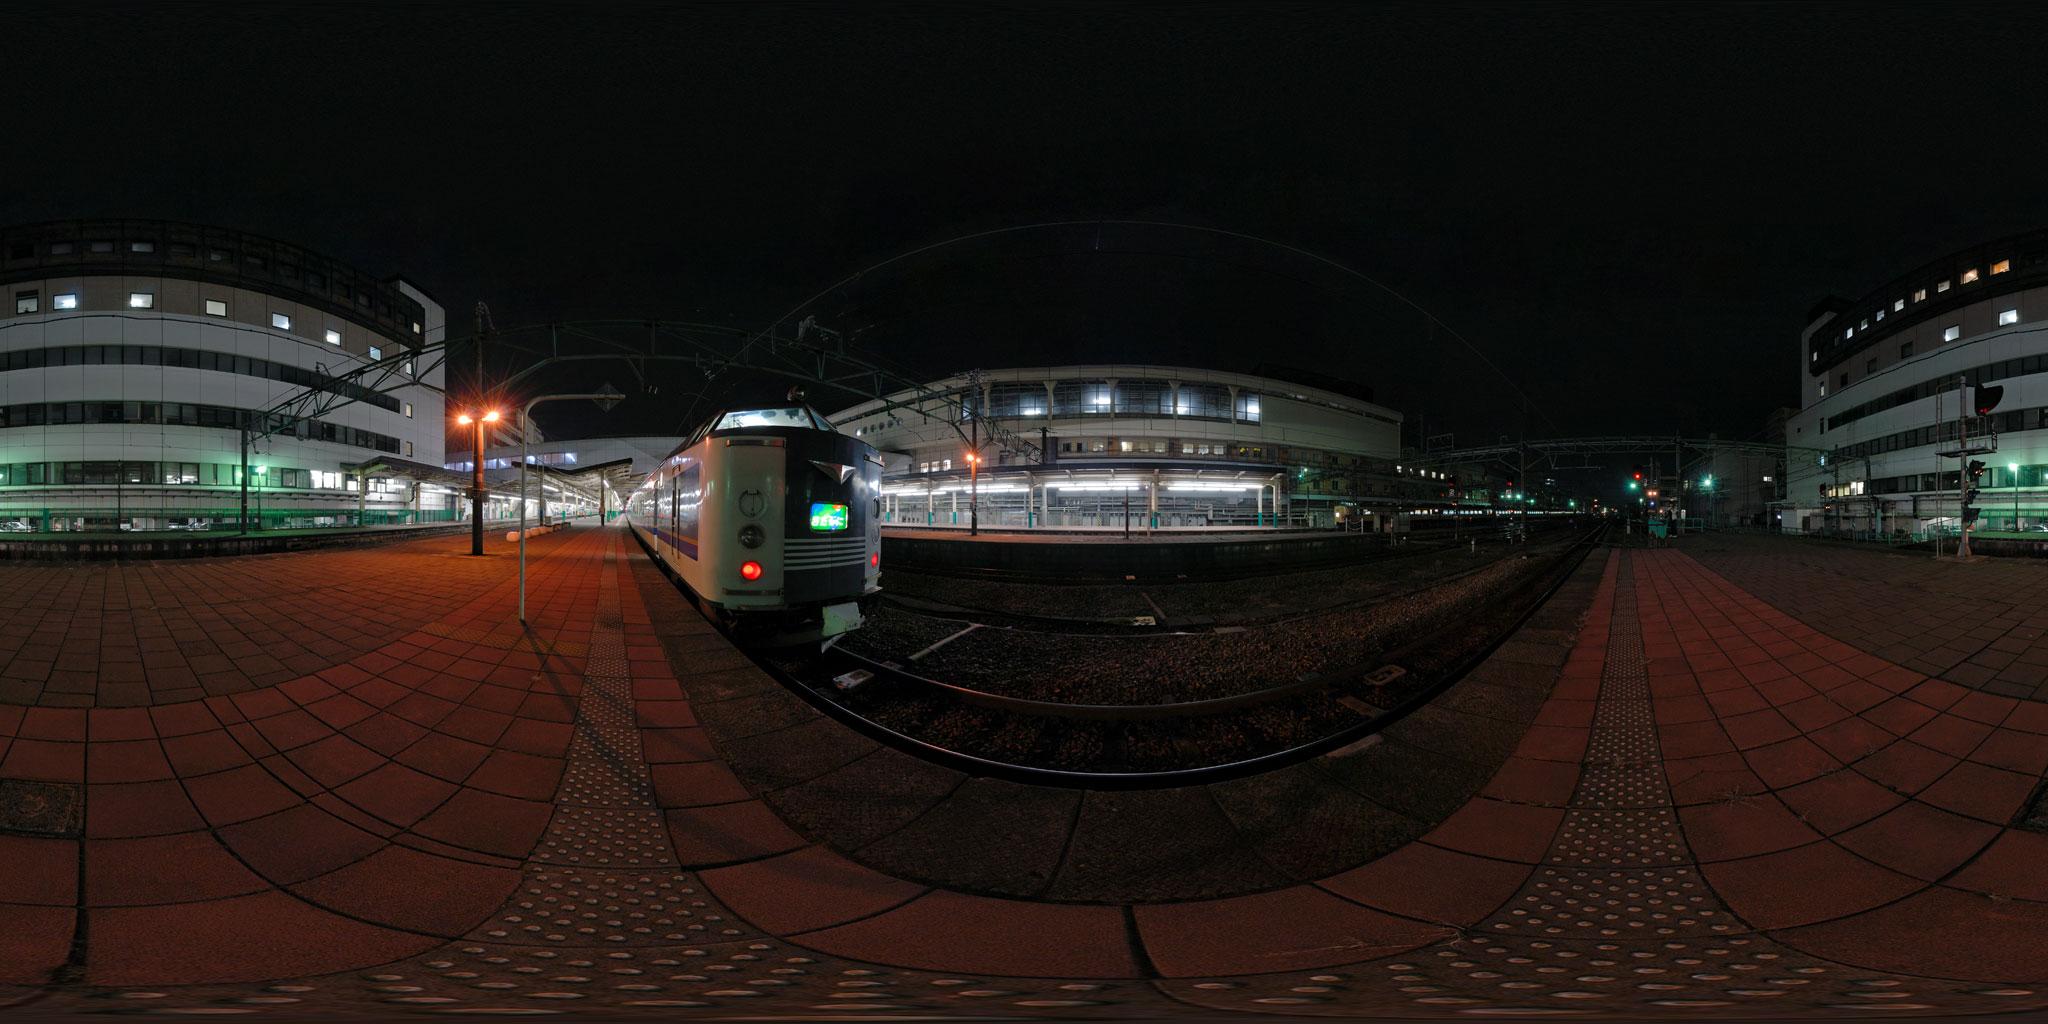 新潟駅に停車中の急行きたぐに(583系B4編成)